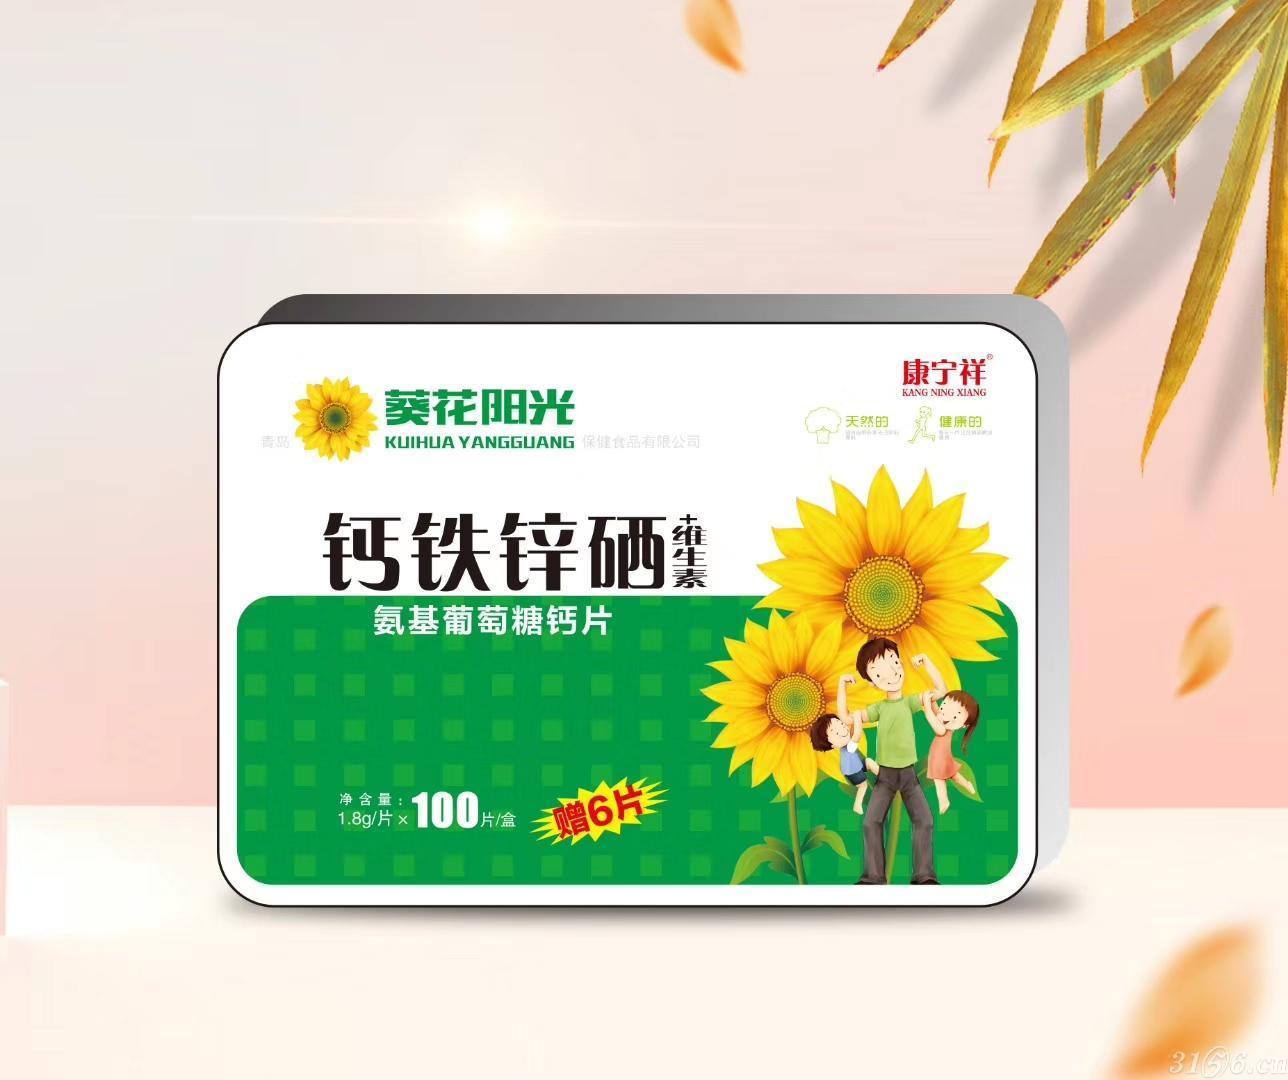 葵花陽光鈣鐵鋅硒維生素氨基葡萄糖鈣片(鐵盒)